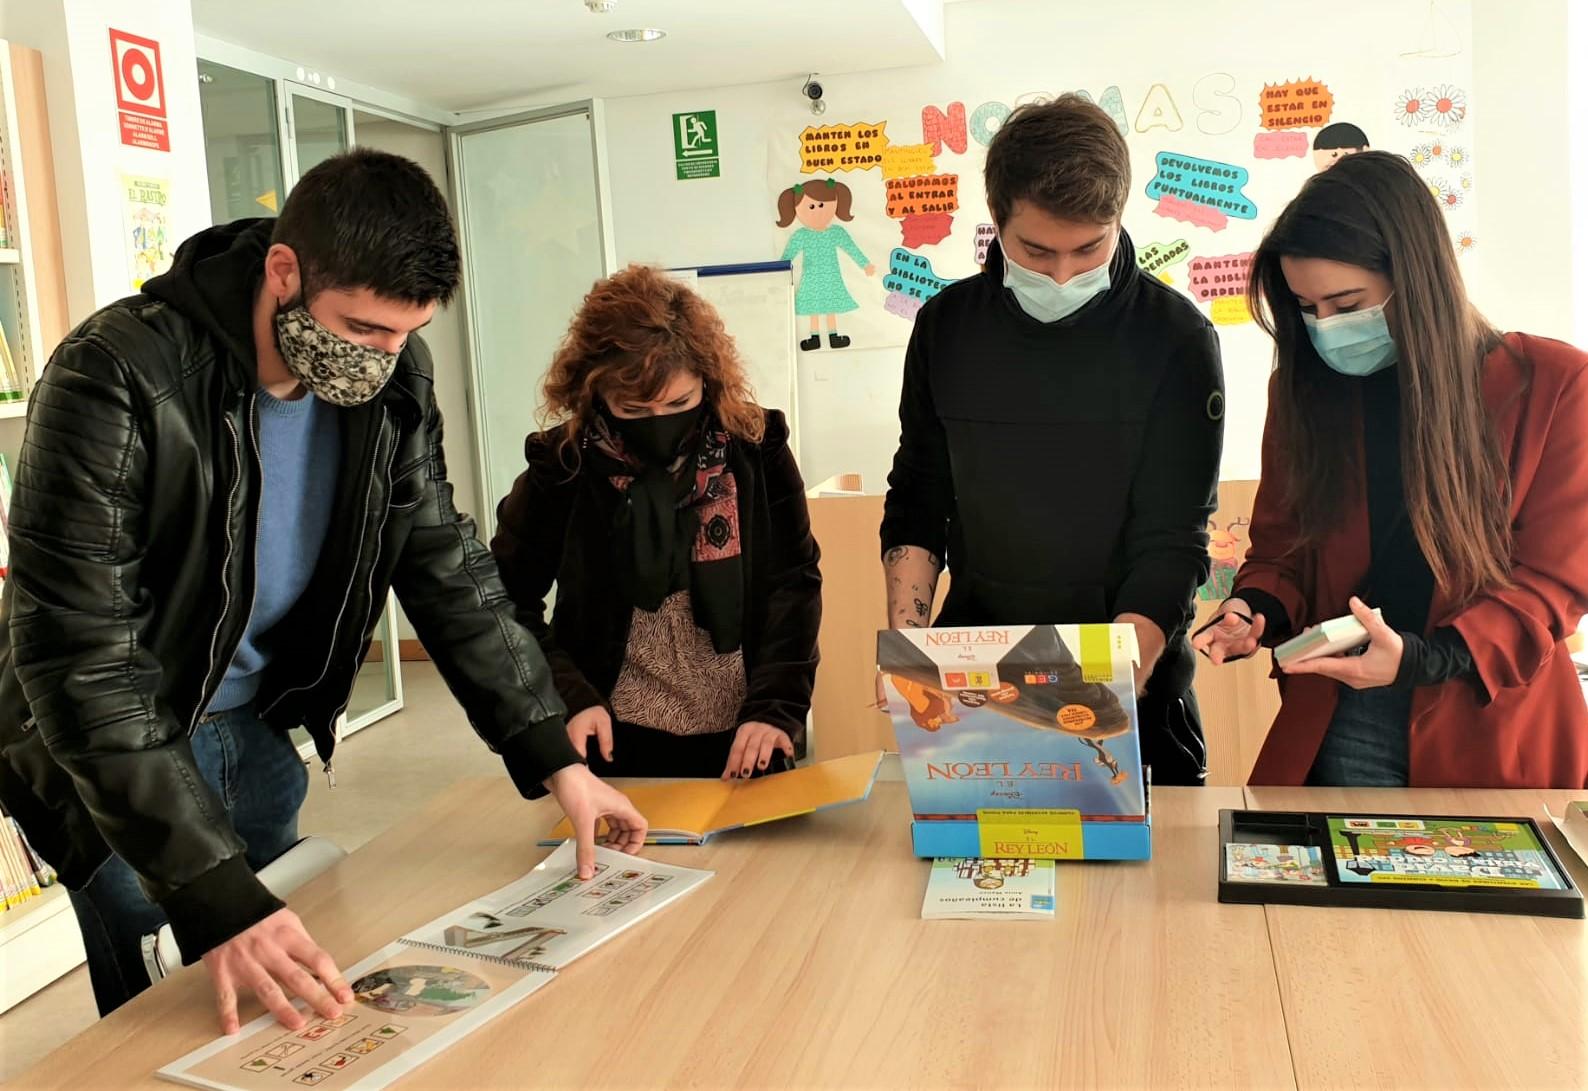 Alumnos de Integración Social de CIPFP Valle de Elda visitan la Biblioteca Alberto Navarro y realizan una donación de libros de lectura fácil